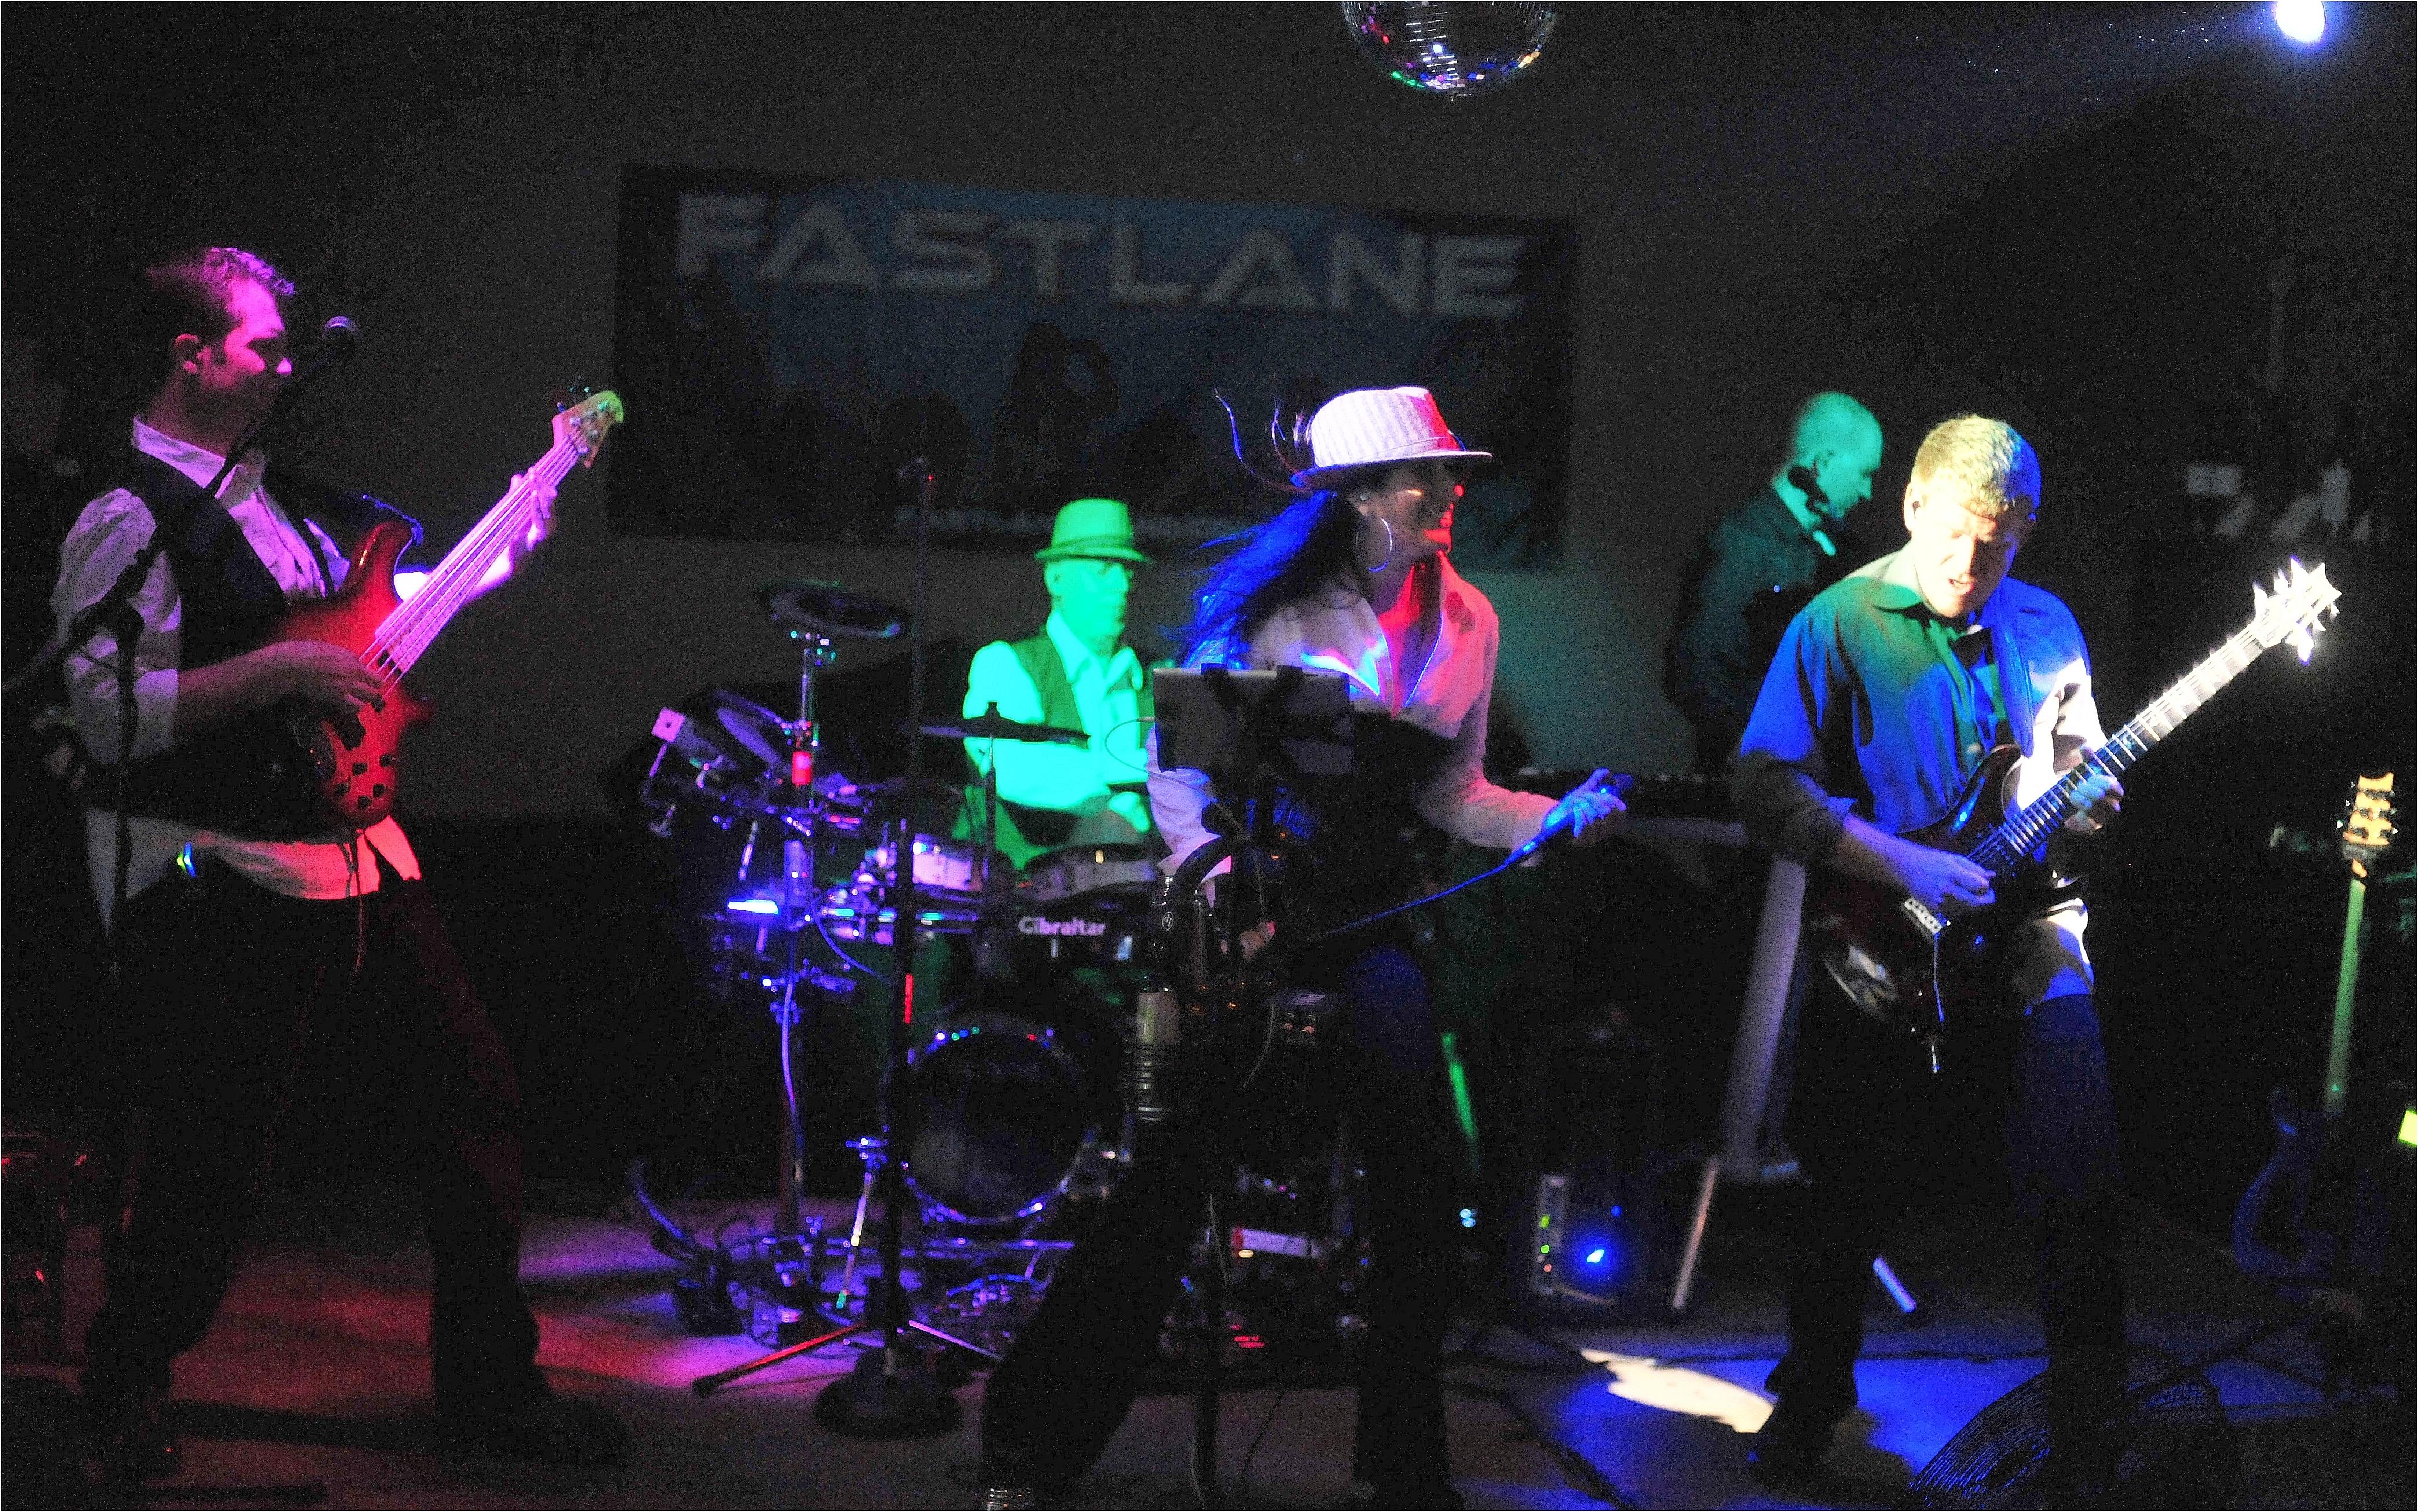 Fastlane2